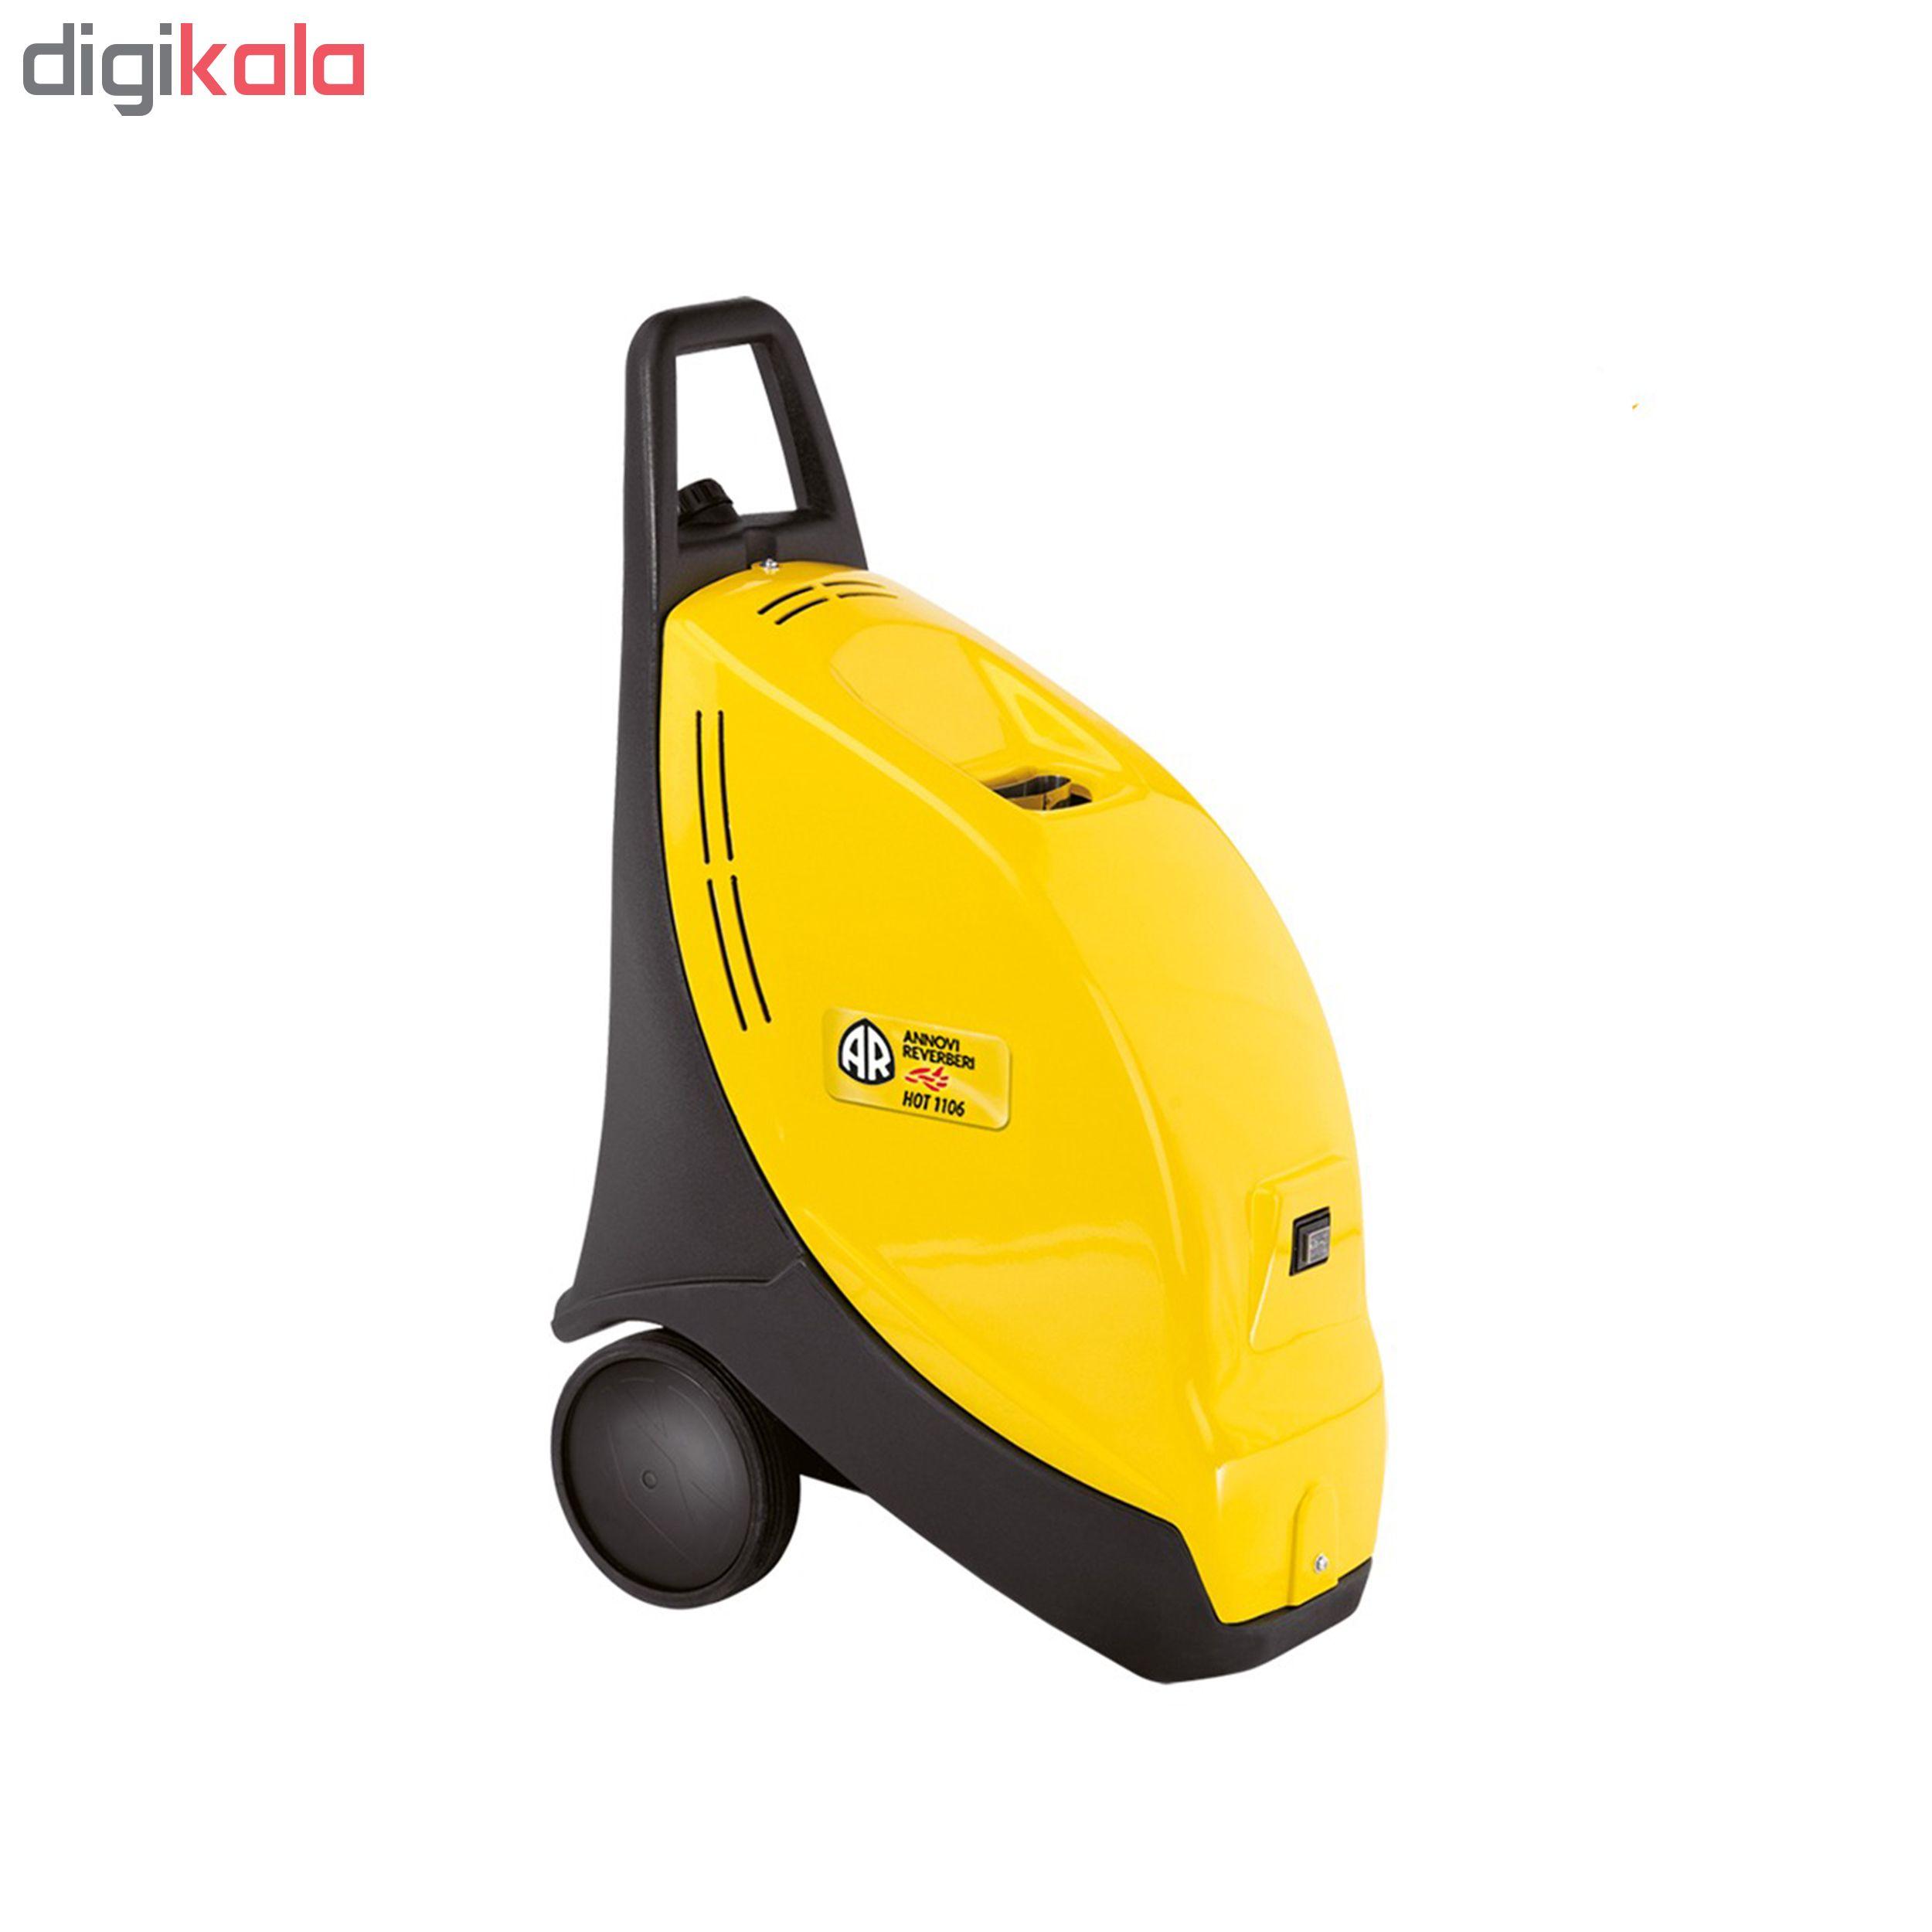 خرید اینترنتی کارواش آنووی ریوربری مدل HOT 1106 با قیمت مناسب